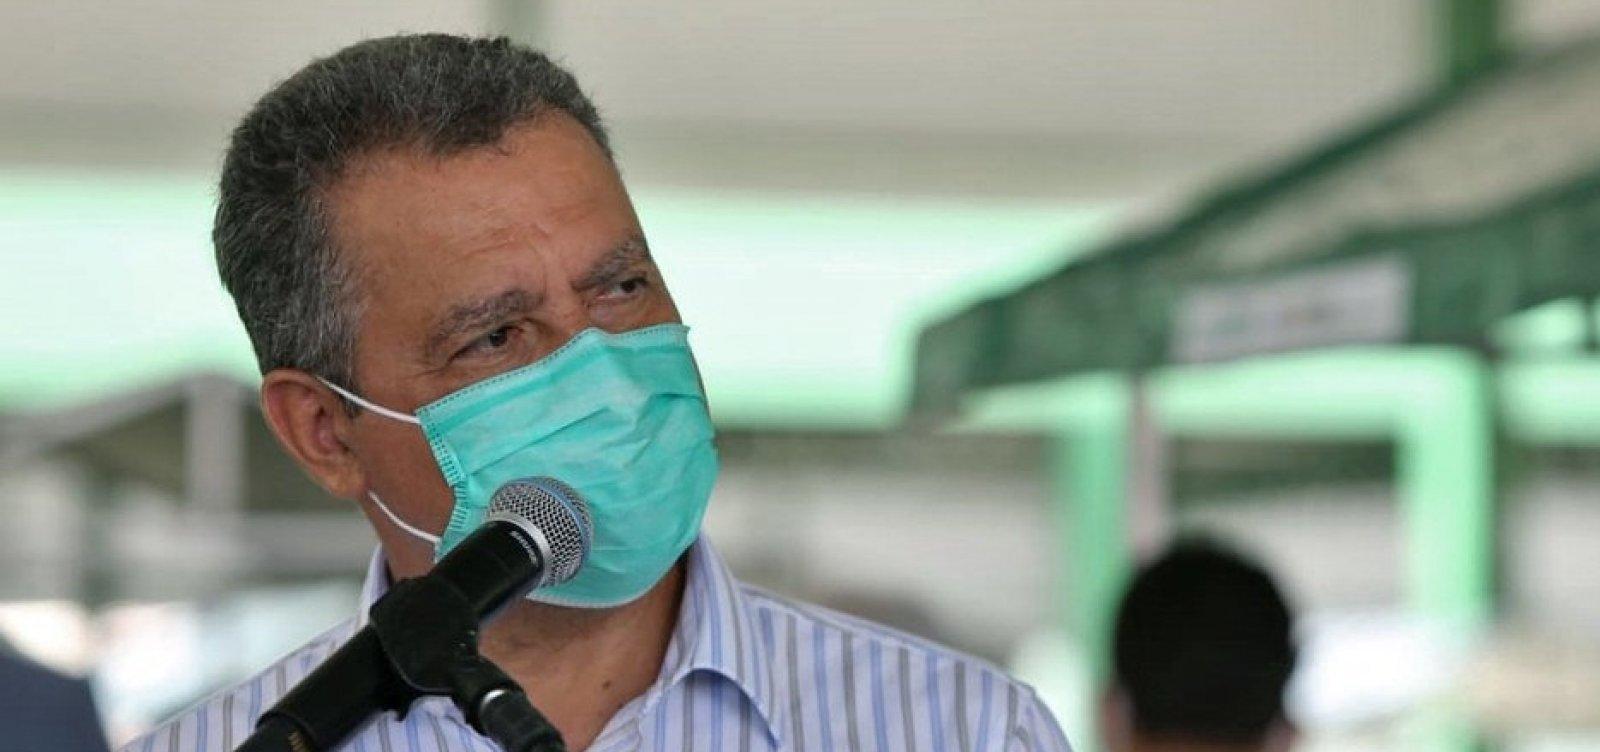 [Governo da Bahia prepara reabertura do hospital de campanha da Arena Fonte Nova ]